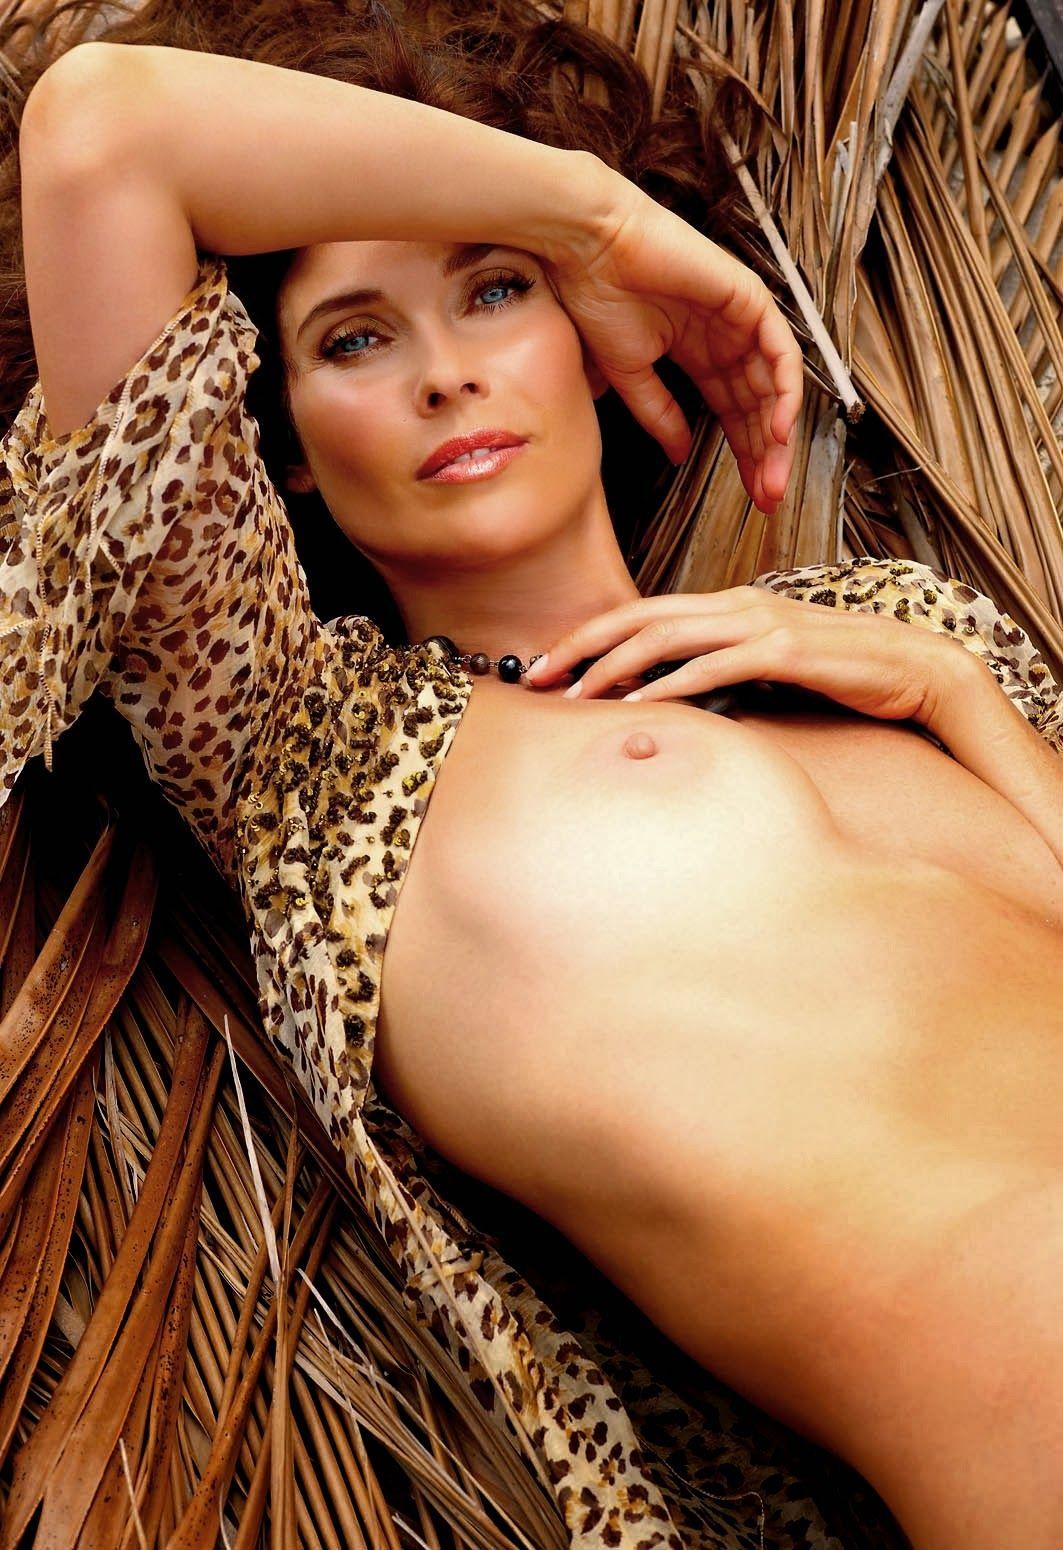 Supermodels nude pictures, naked photos julie warner